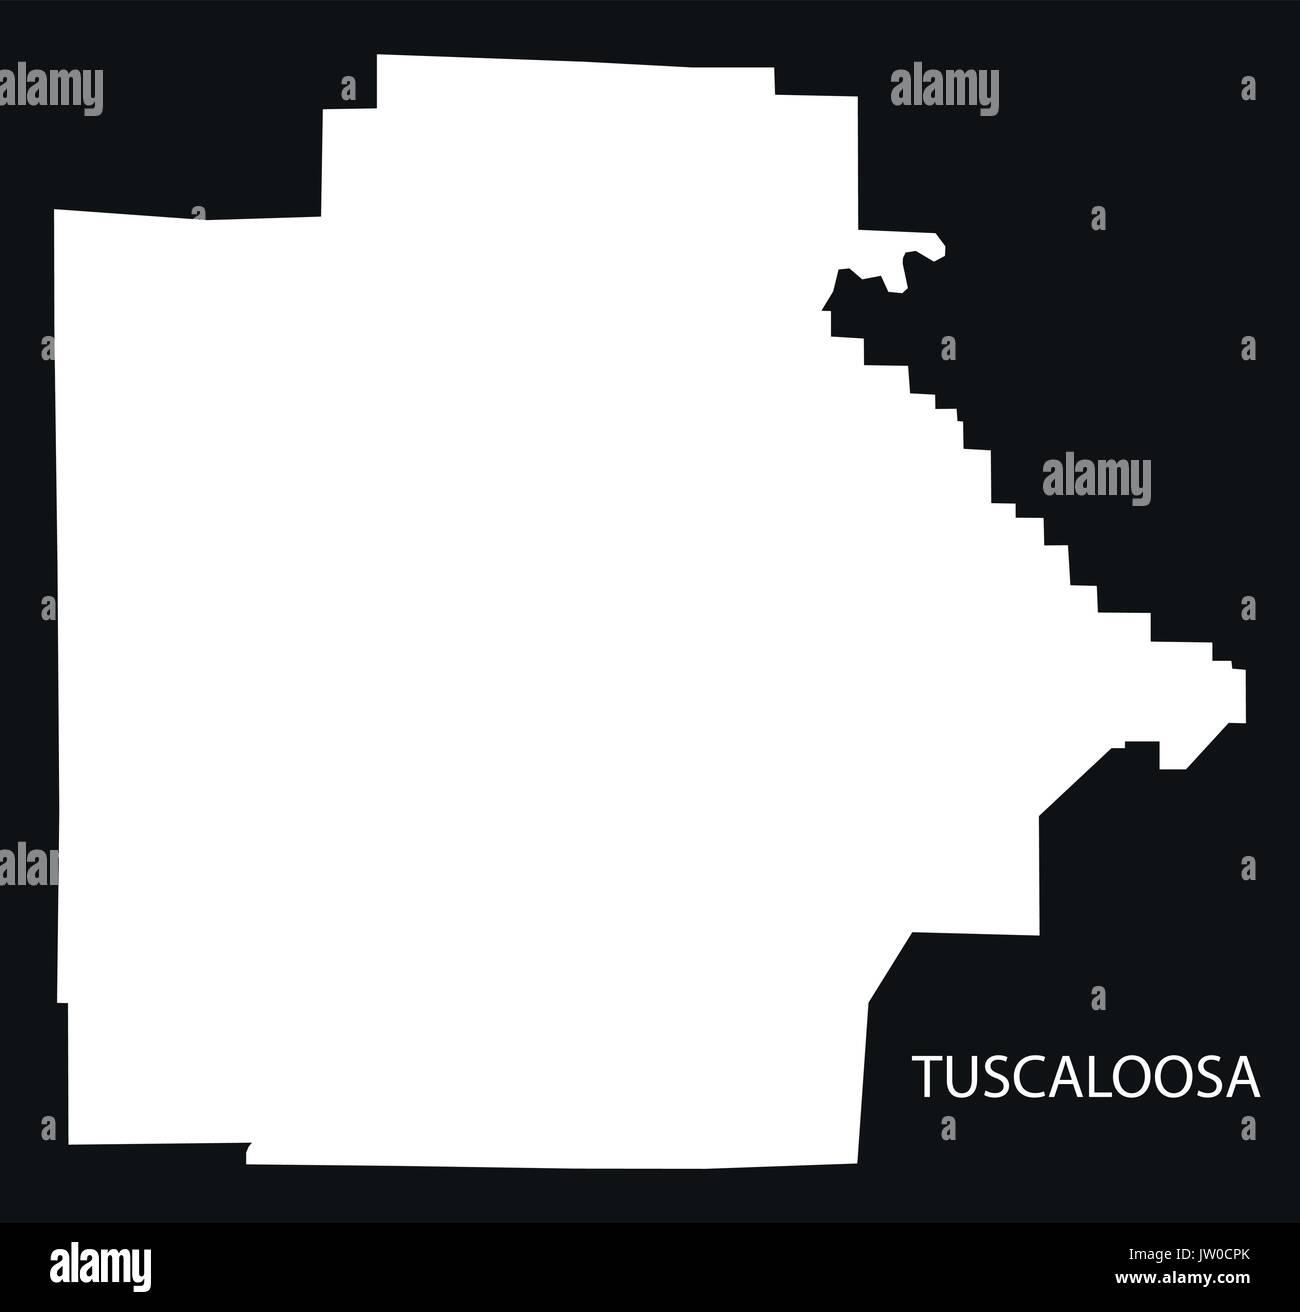 Tuscaloosa county map of Alabama USA black inverted illustration - Stock Image